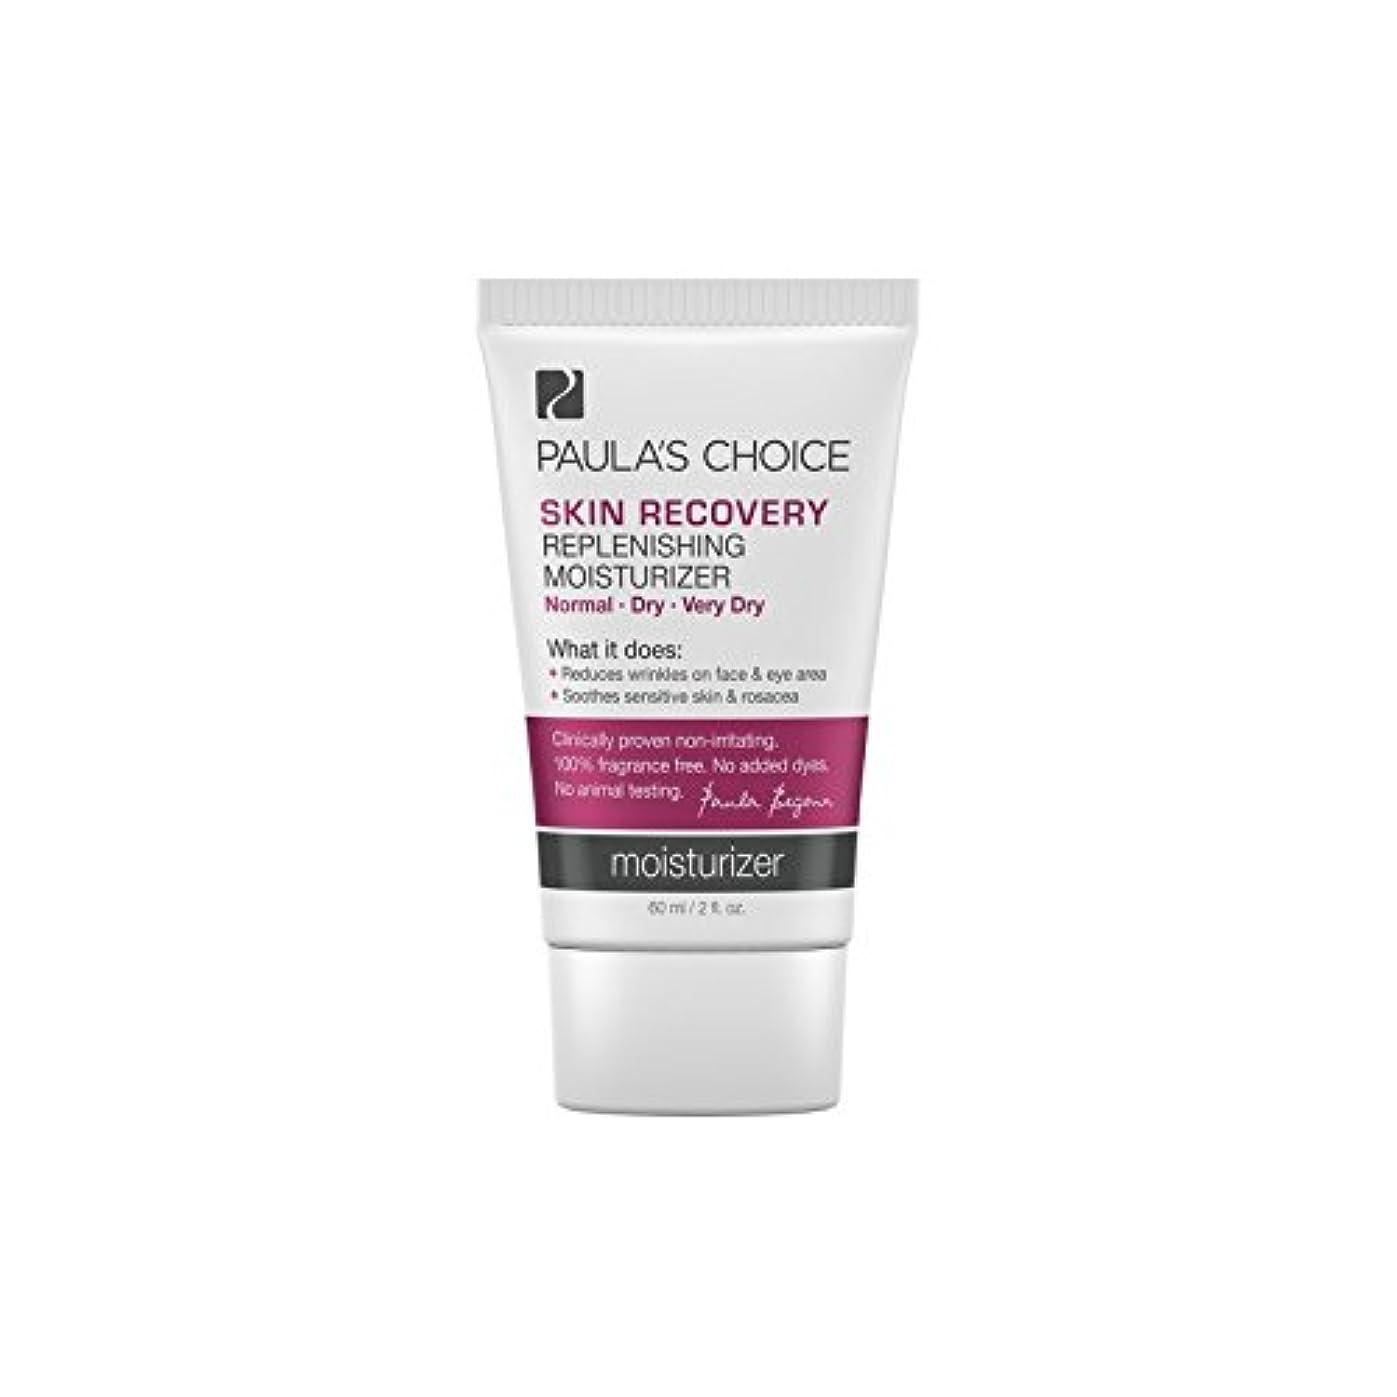 紛争ローブポークポーラチョイスの肌の回復補充保湿(60ミリリットル) x4 - Paula's Choice Skin Recovery Replenishing Moisturizer (60ml) (Pack of 4) [並行輸入品]